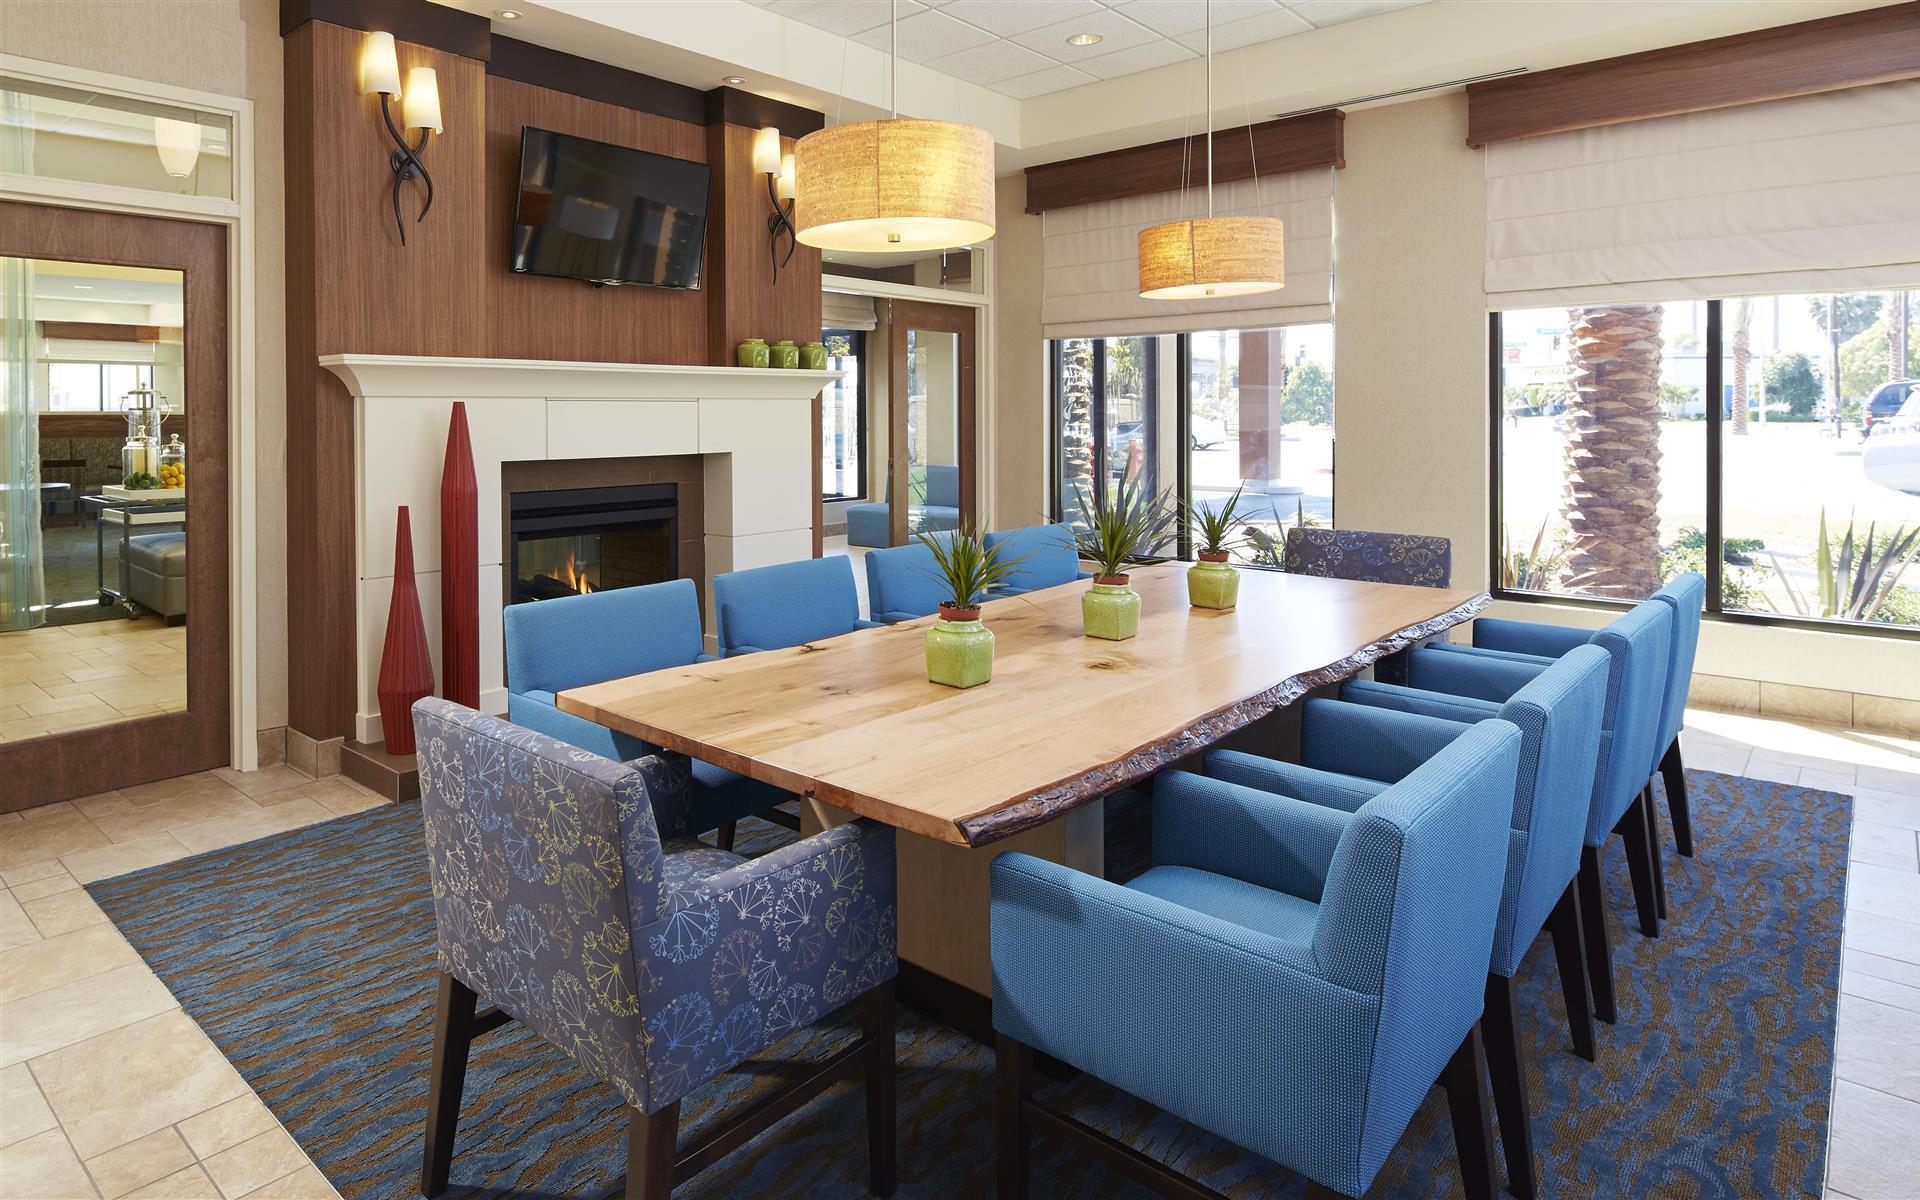 Hilton Garden Inn Los Angeles Redondo Beach - Library